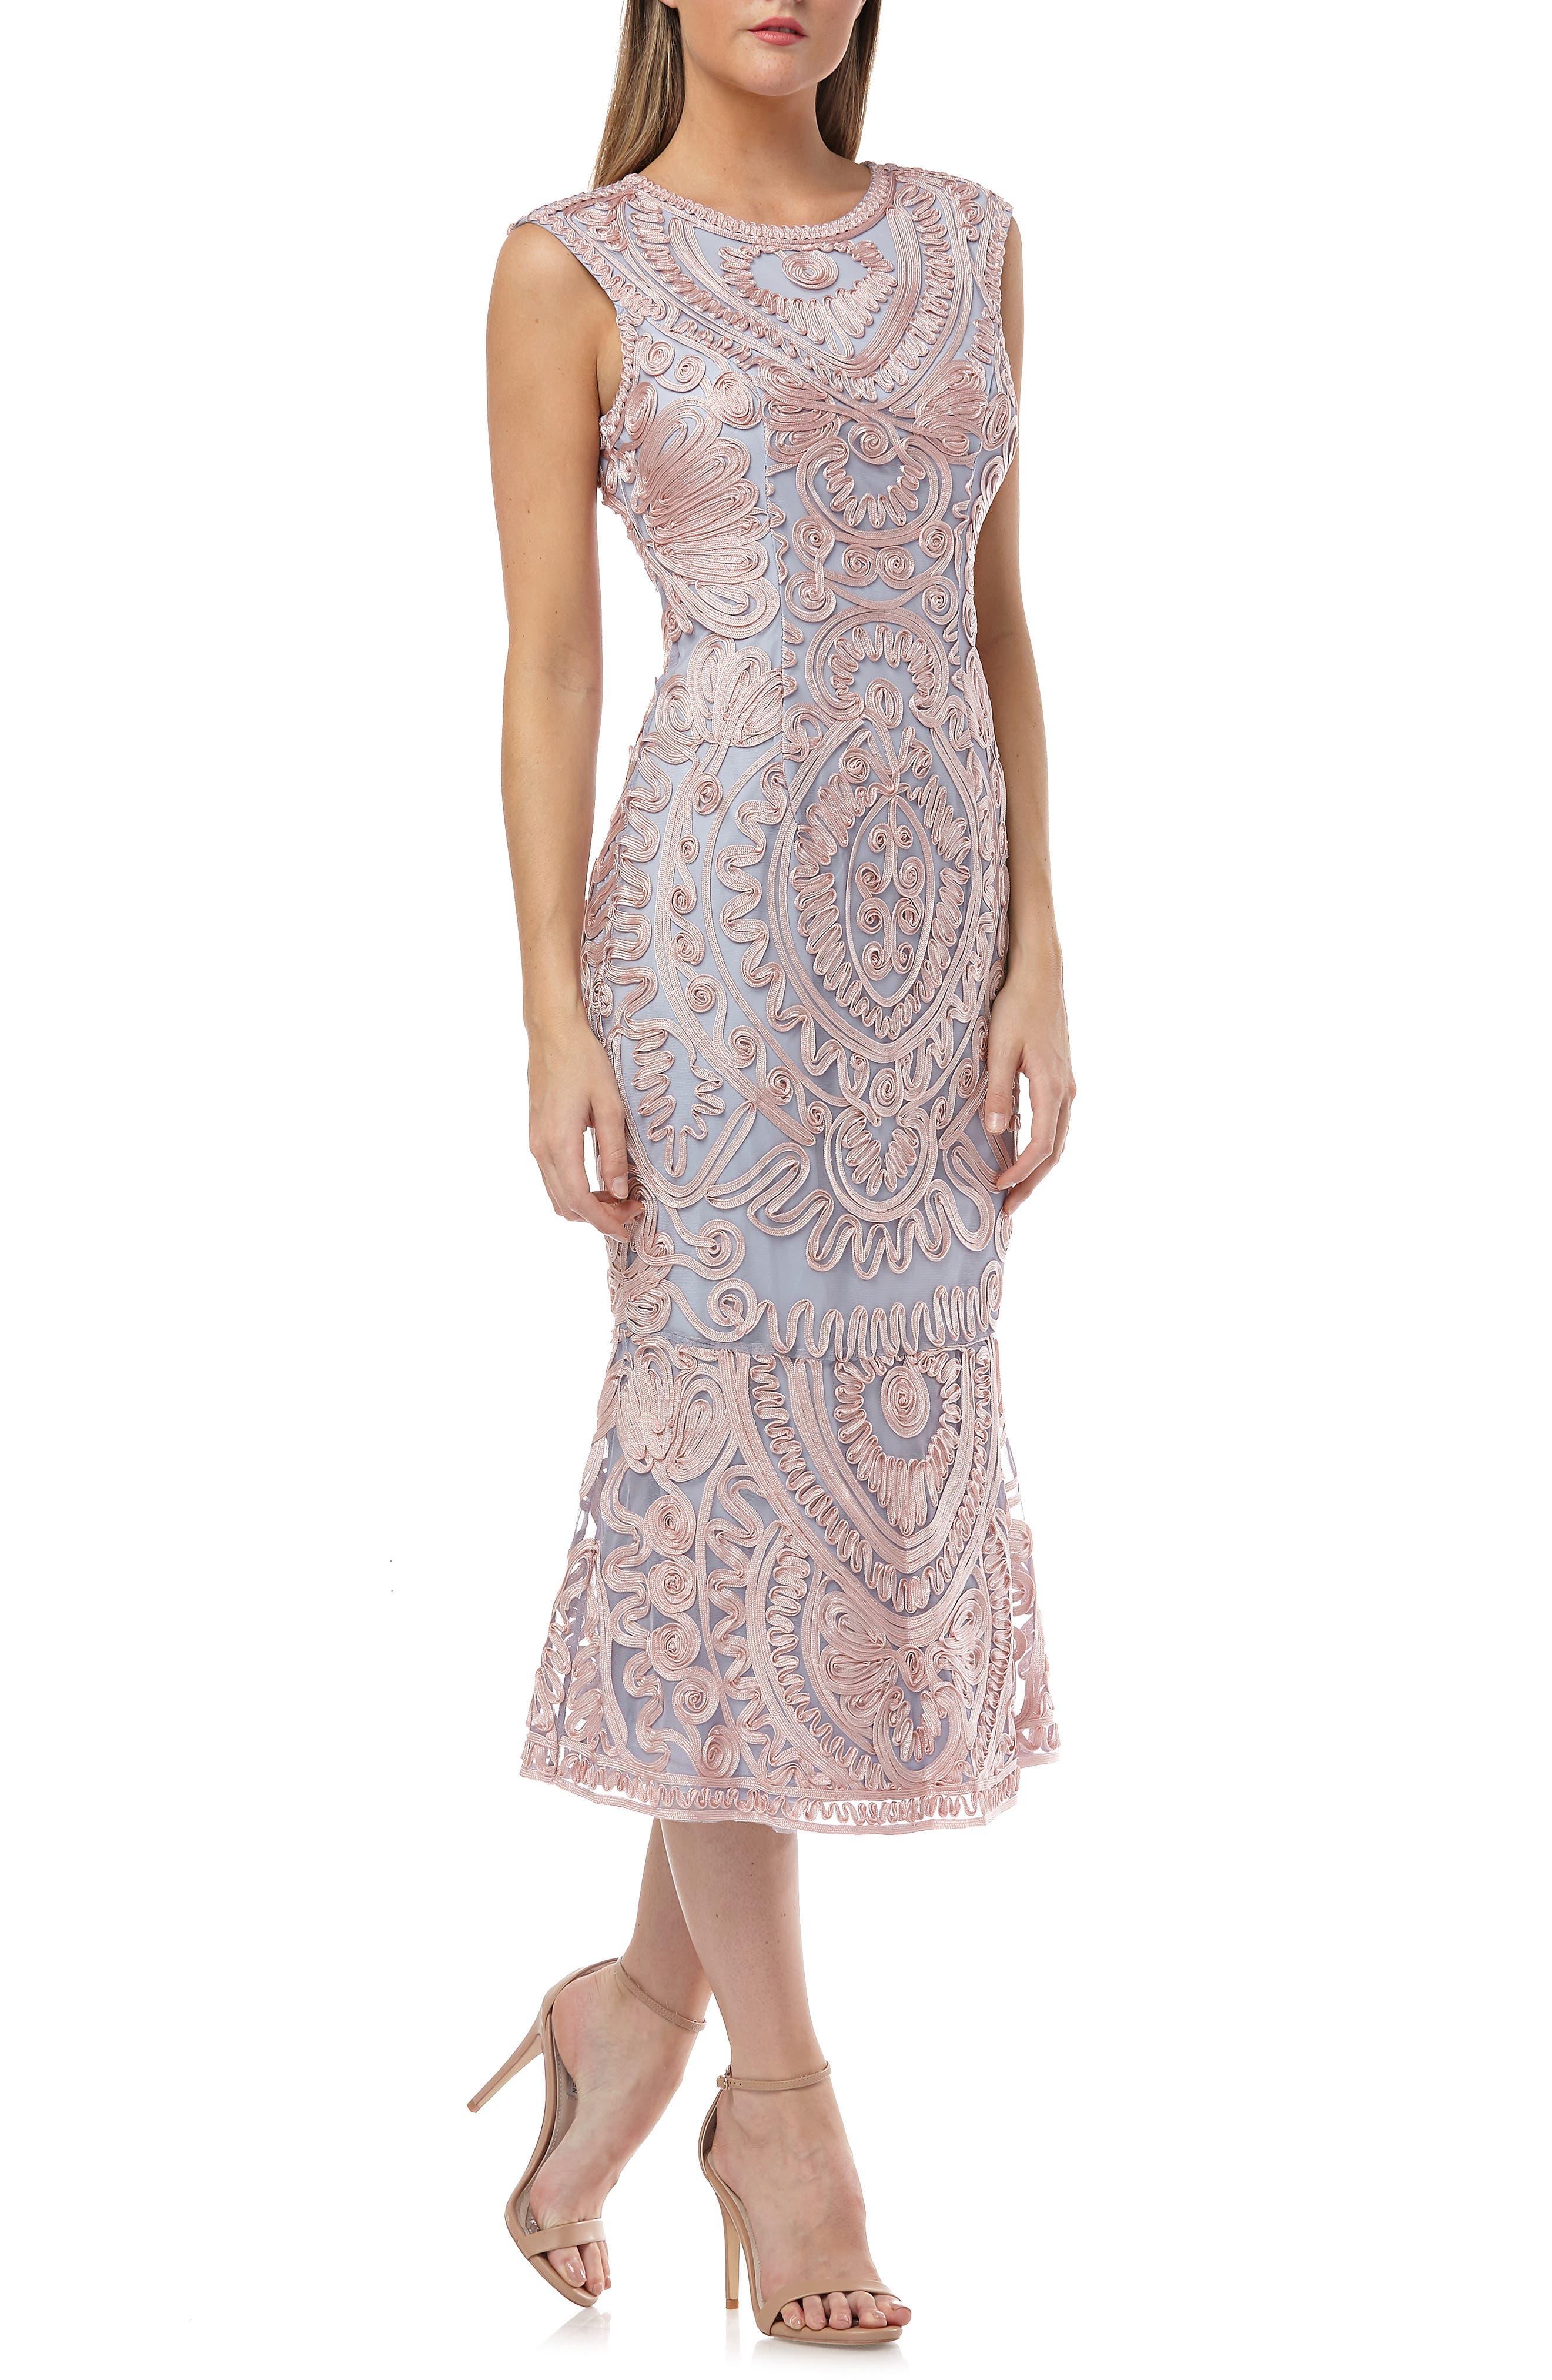 Vintage Cocktail Dresses, Party Dresses, Prom Dresses Womens Js Collections Soutache Mesh Dress Size 16 - Pink $260.00 AT vintagedancer.com